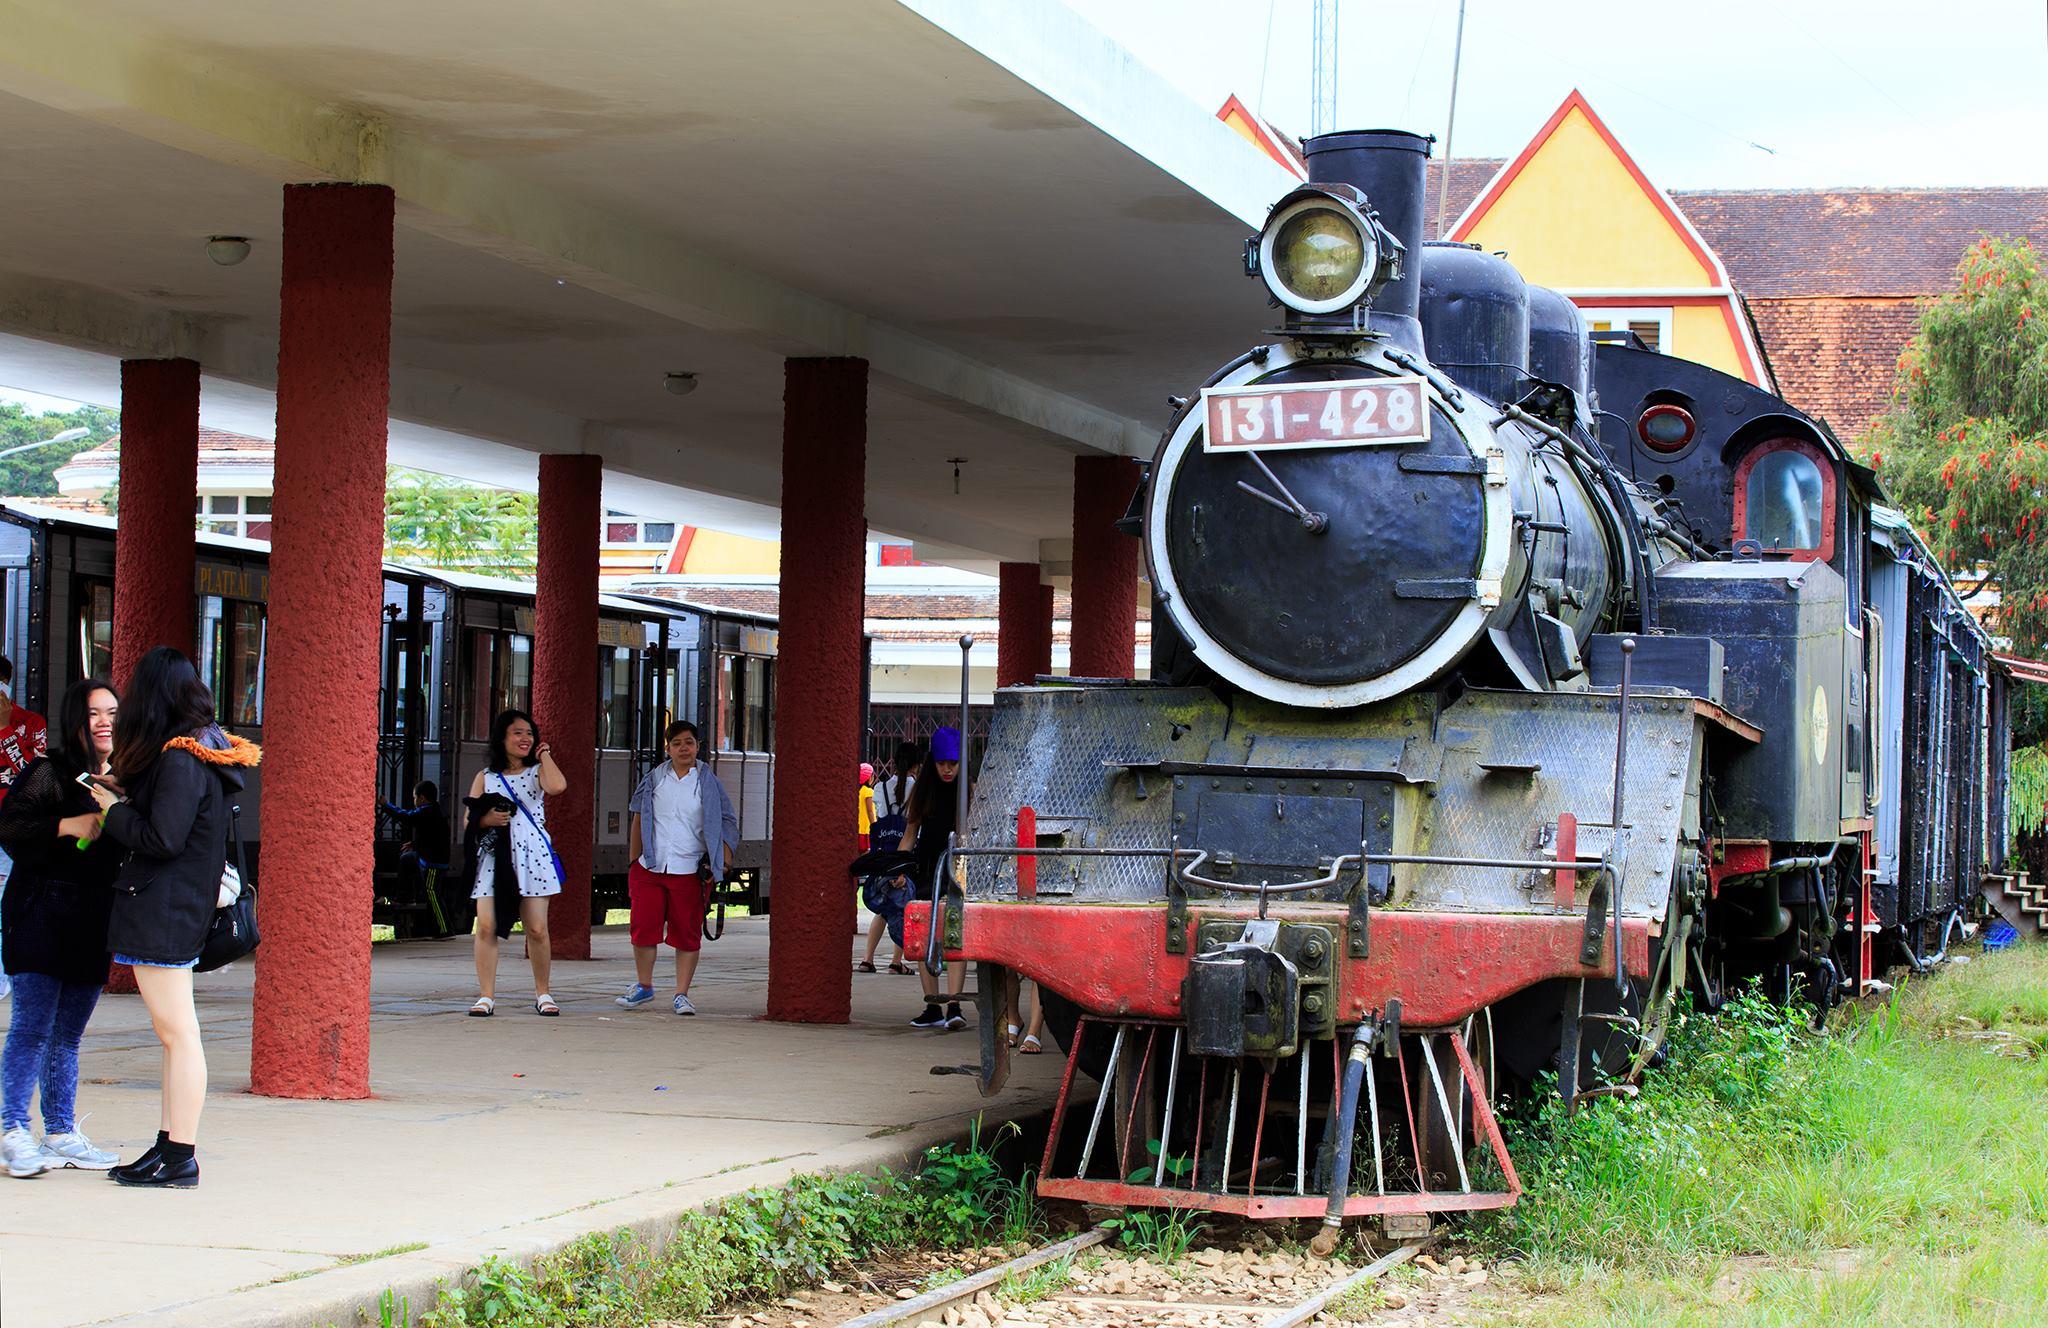 Đầu máy xe lửa chạy bằng hơi nước